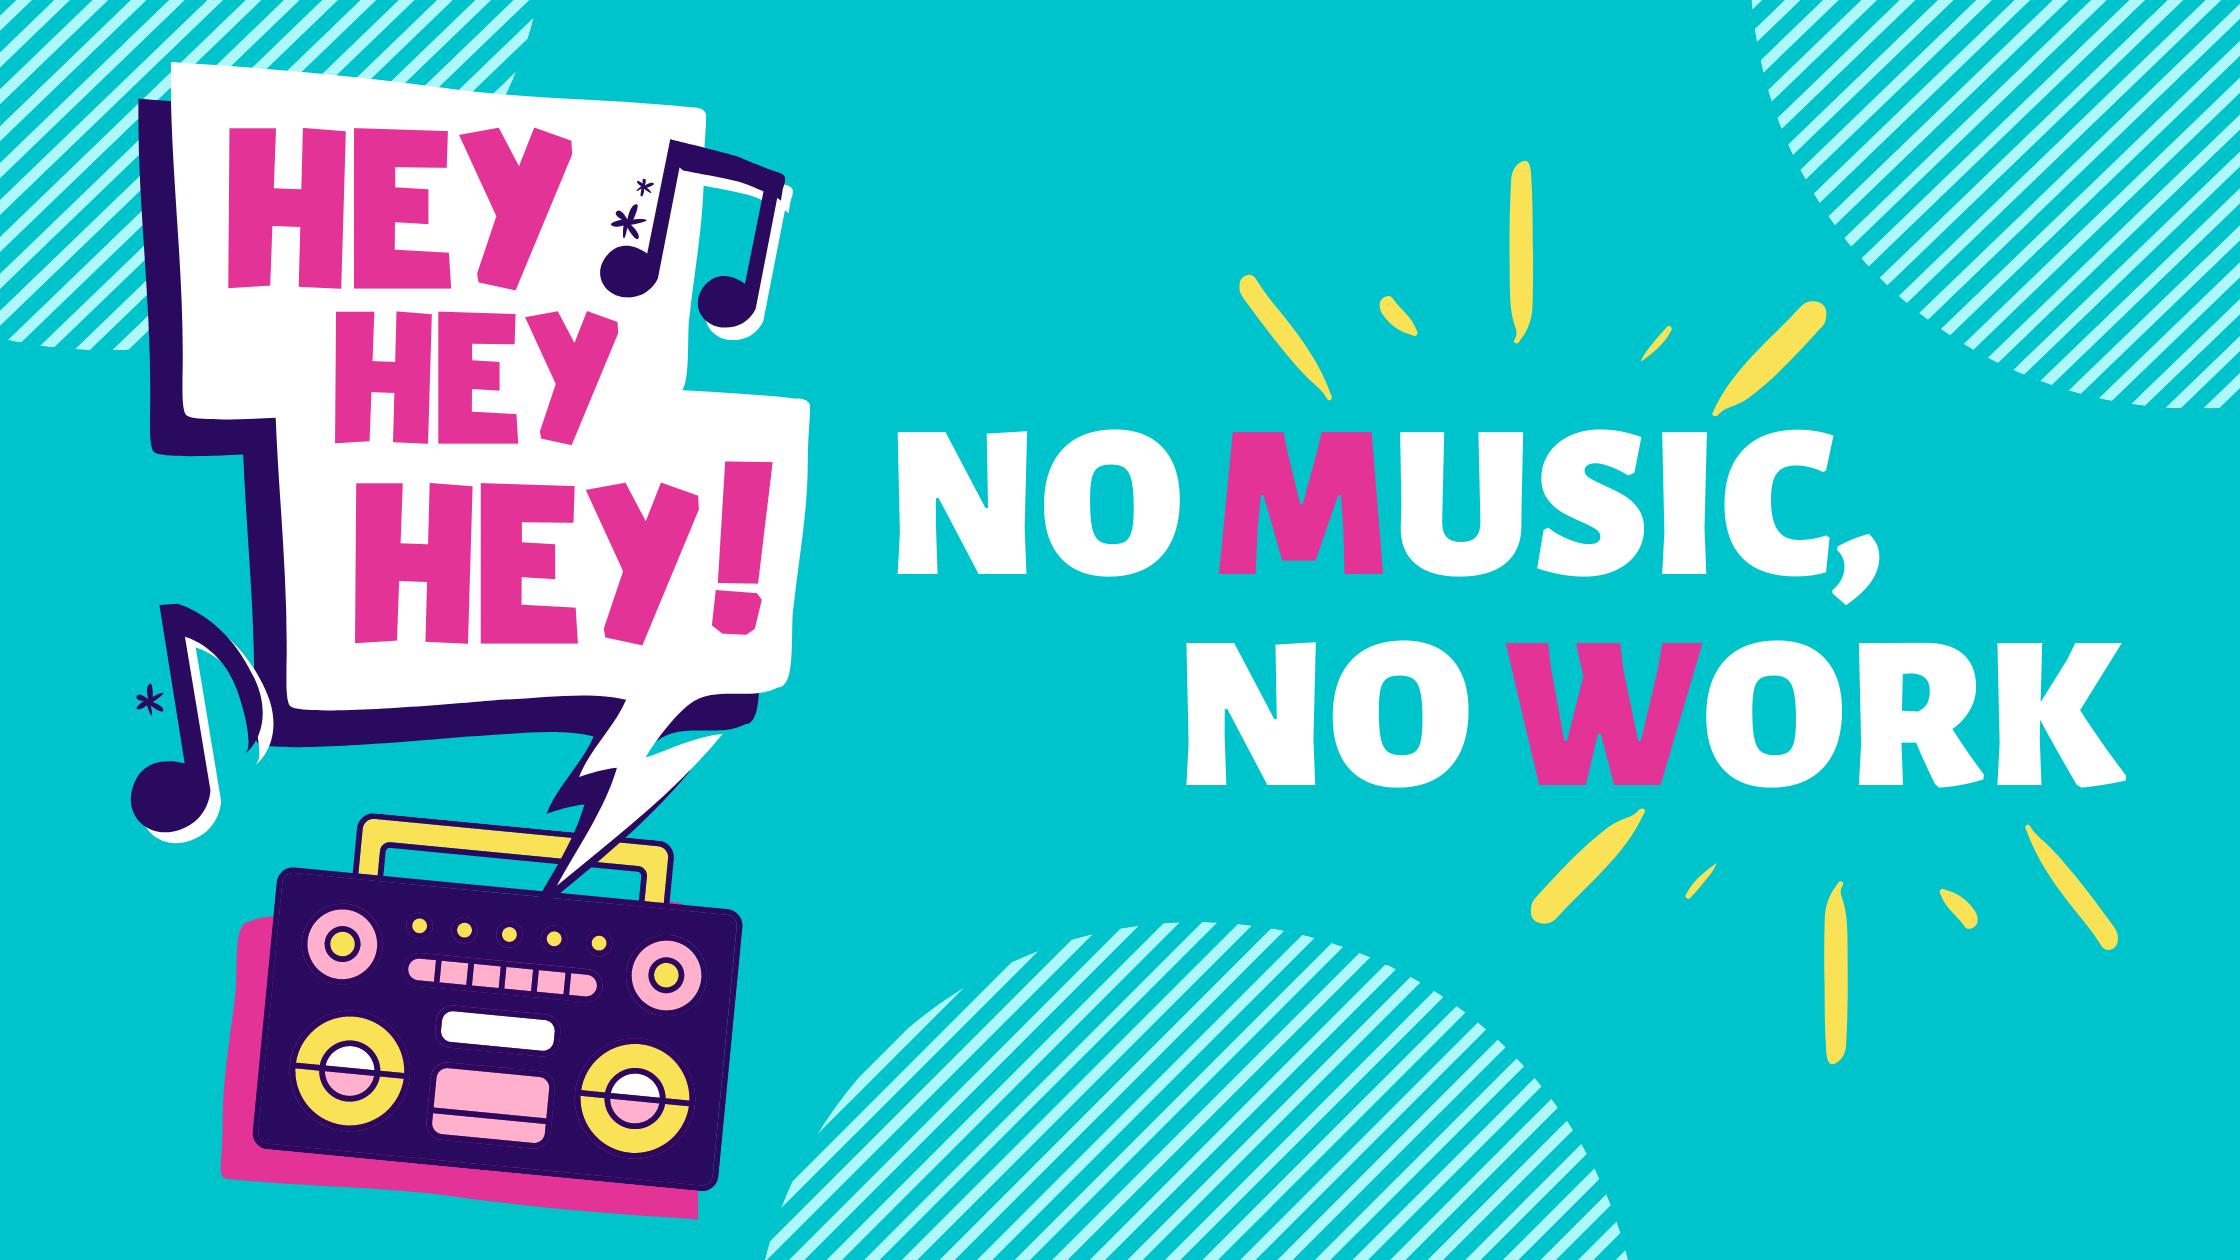 NO MUSIC,NO WORK